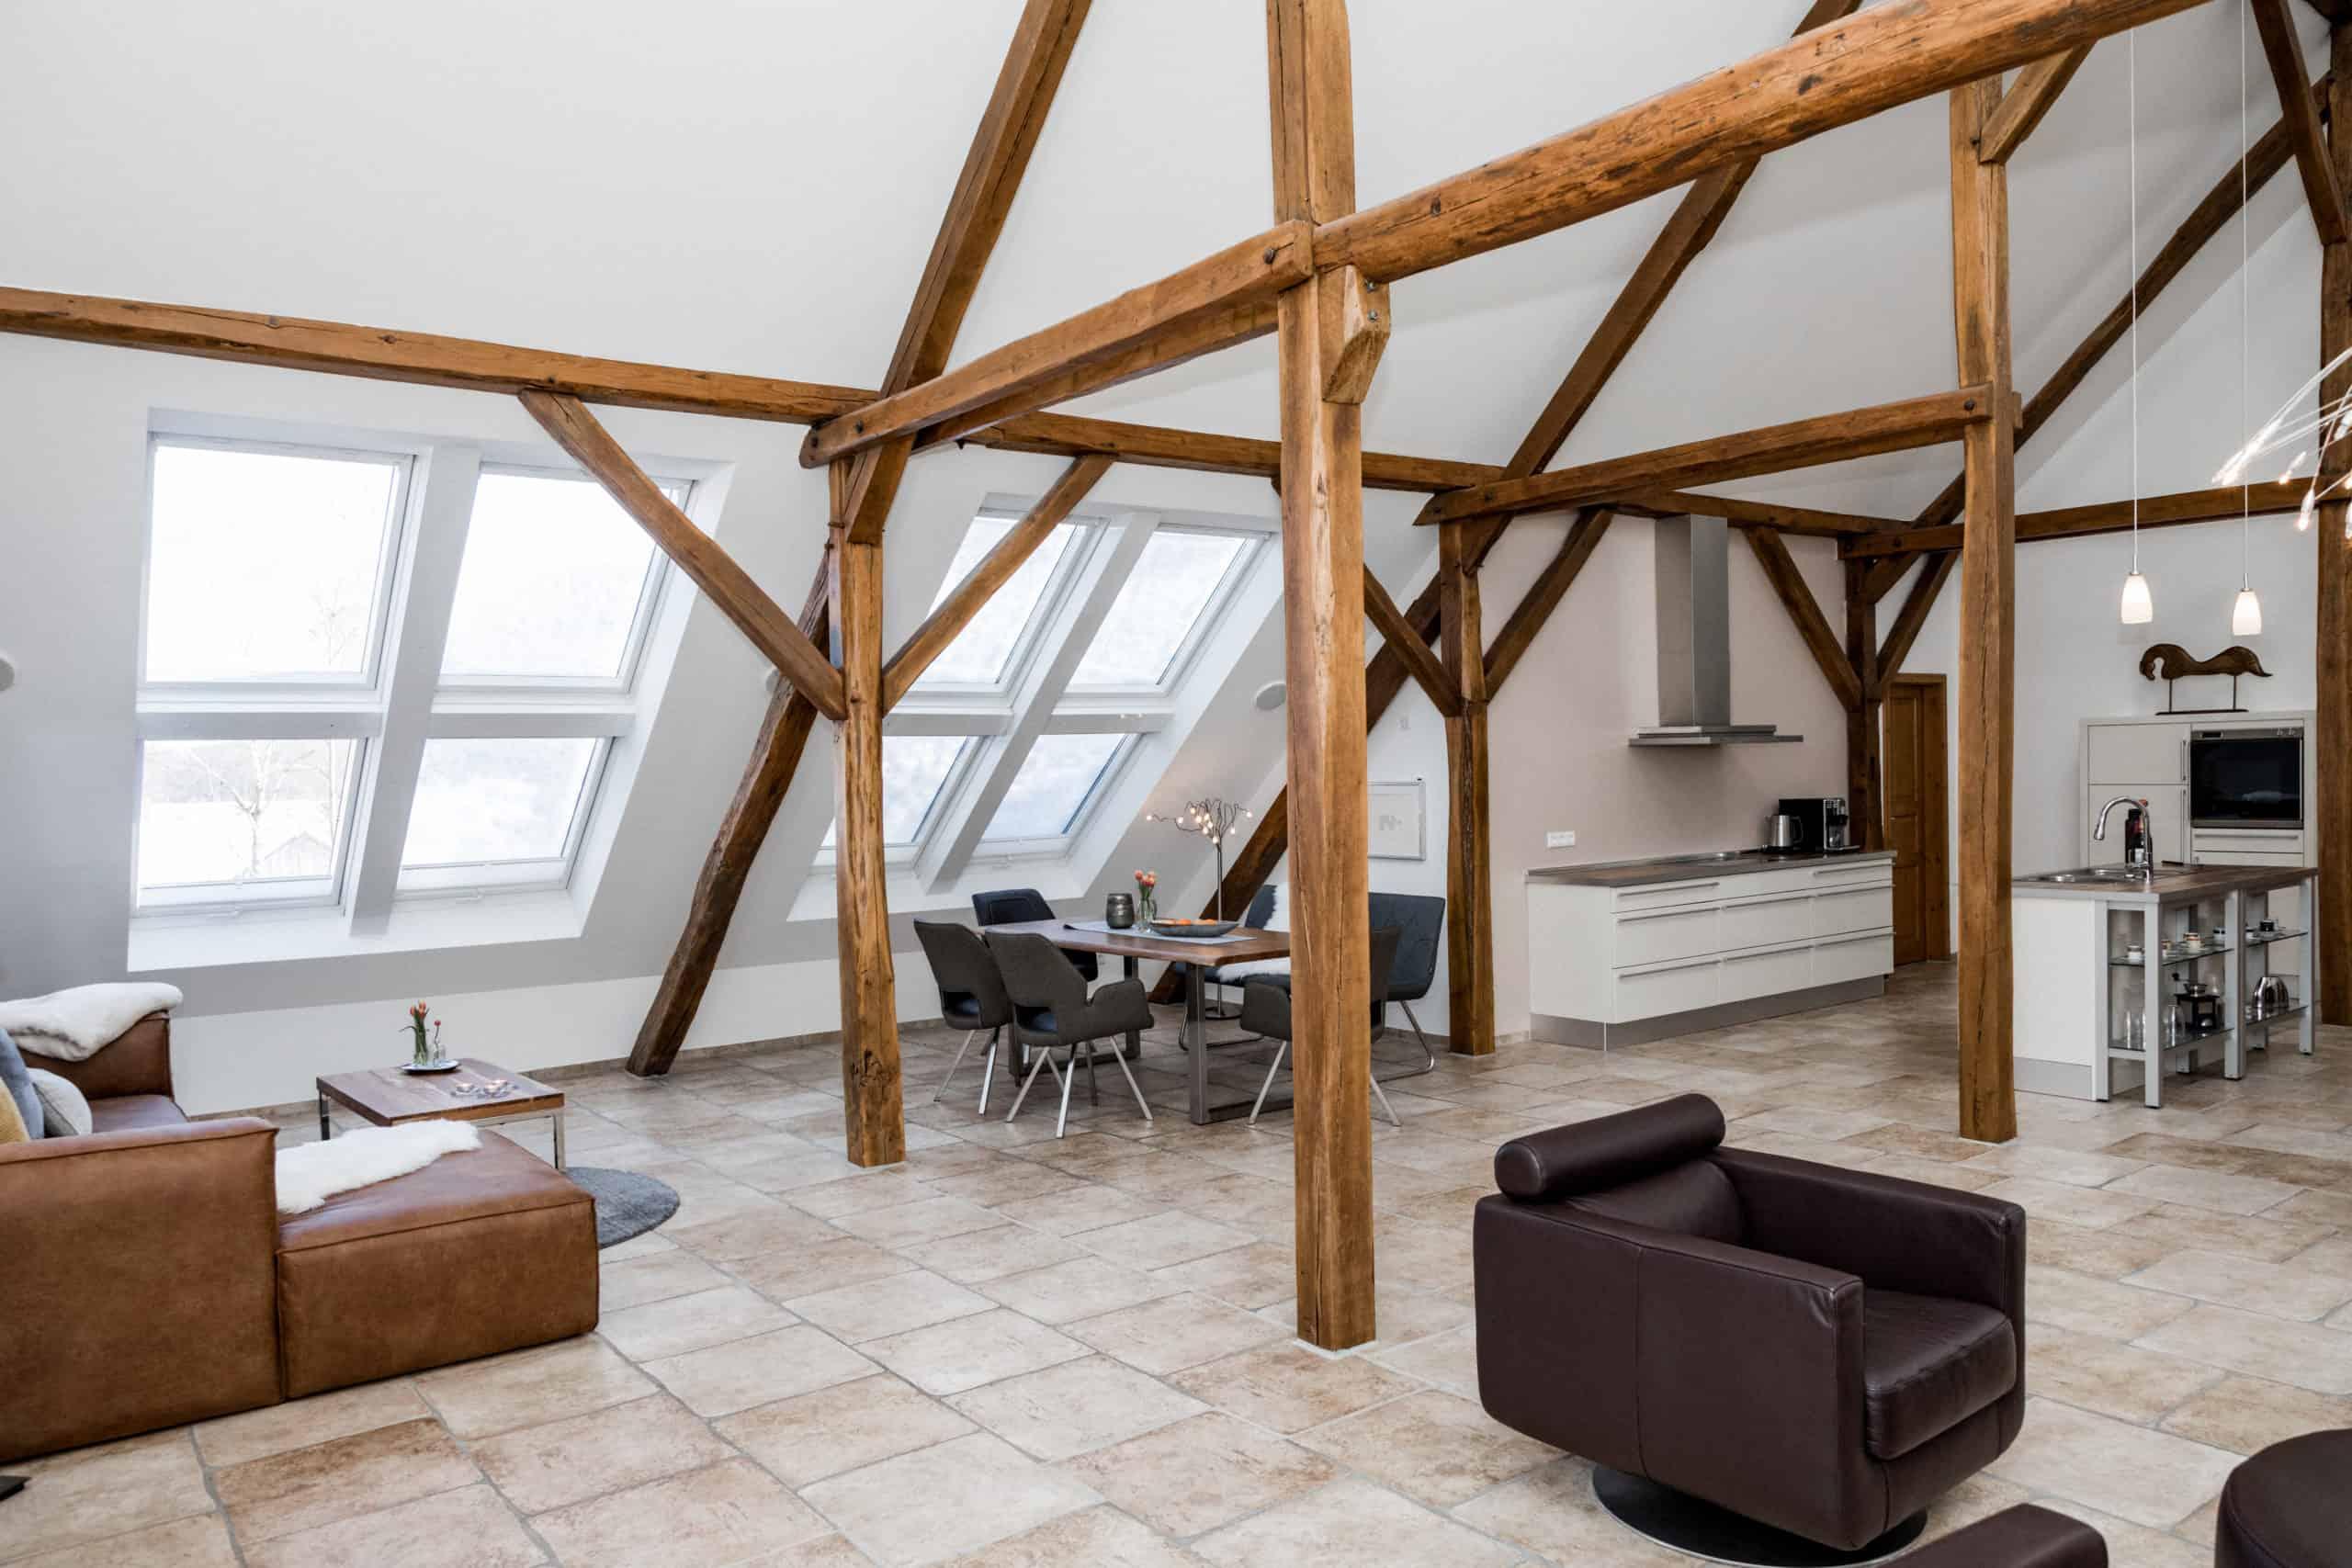 Loft: Blick in Wohn- und Essbereich